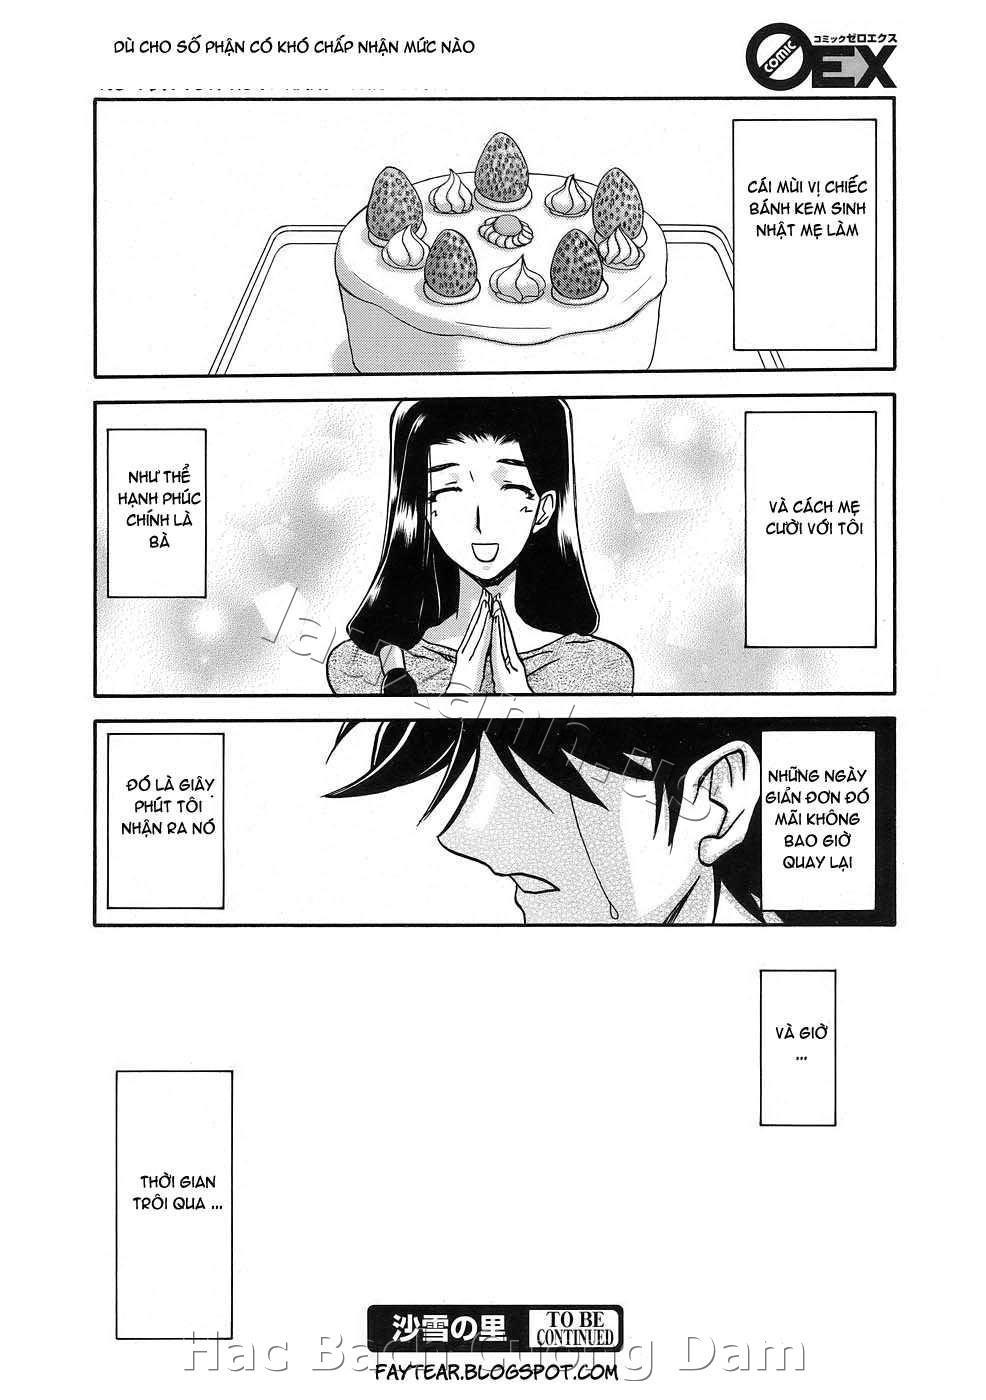 Hình ảnh hentailxers.blogspot.com0095 trong bài viết Manga H Sayuki no Sato